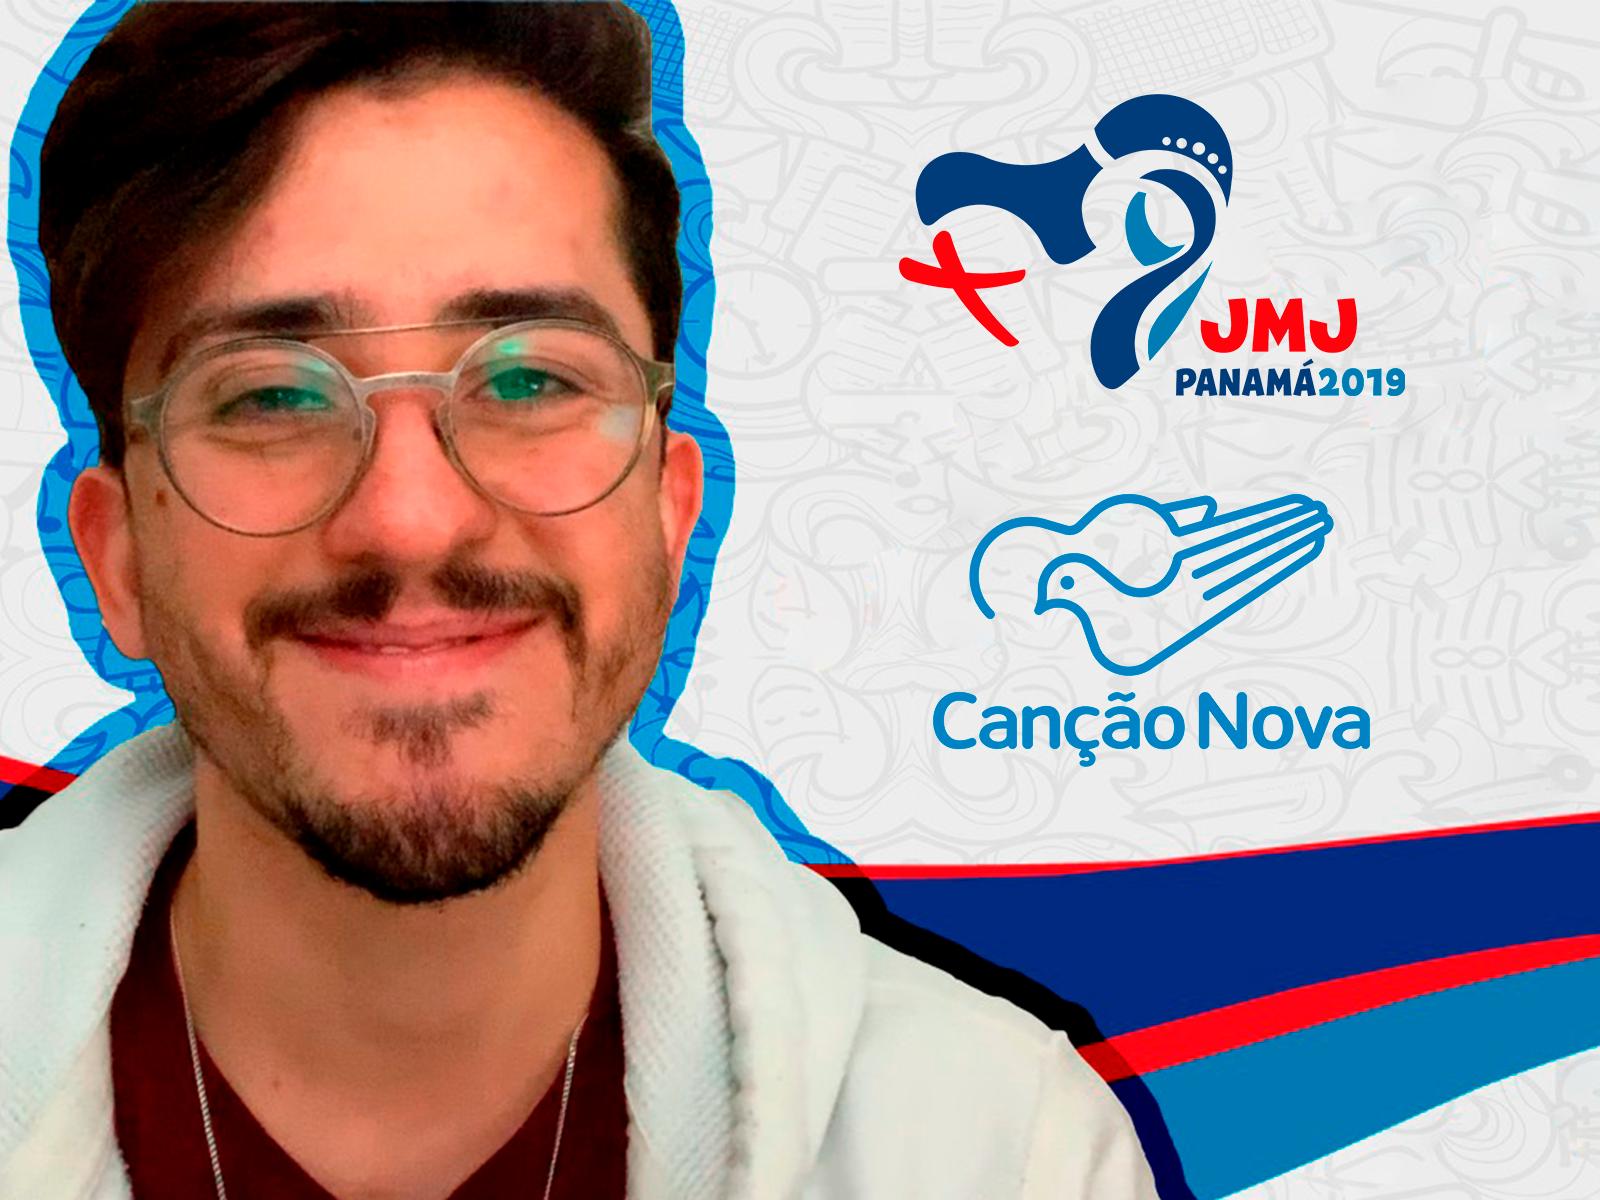 Roger da JMJ Panamá 2019 para Lisboa 2022